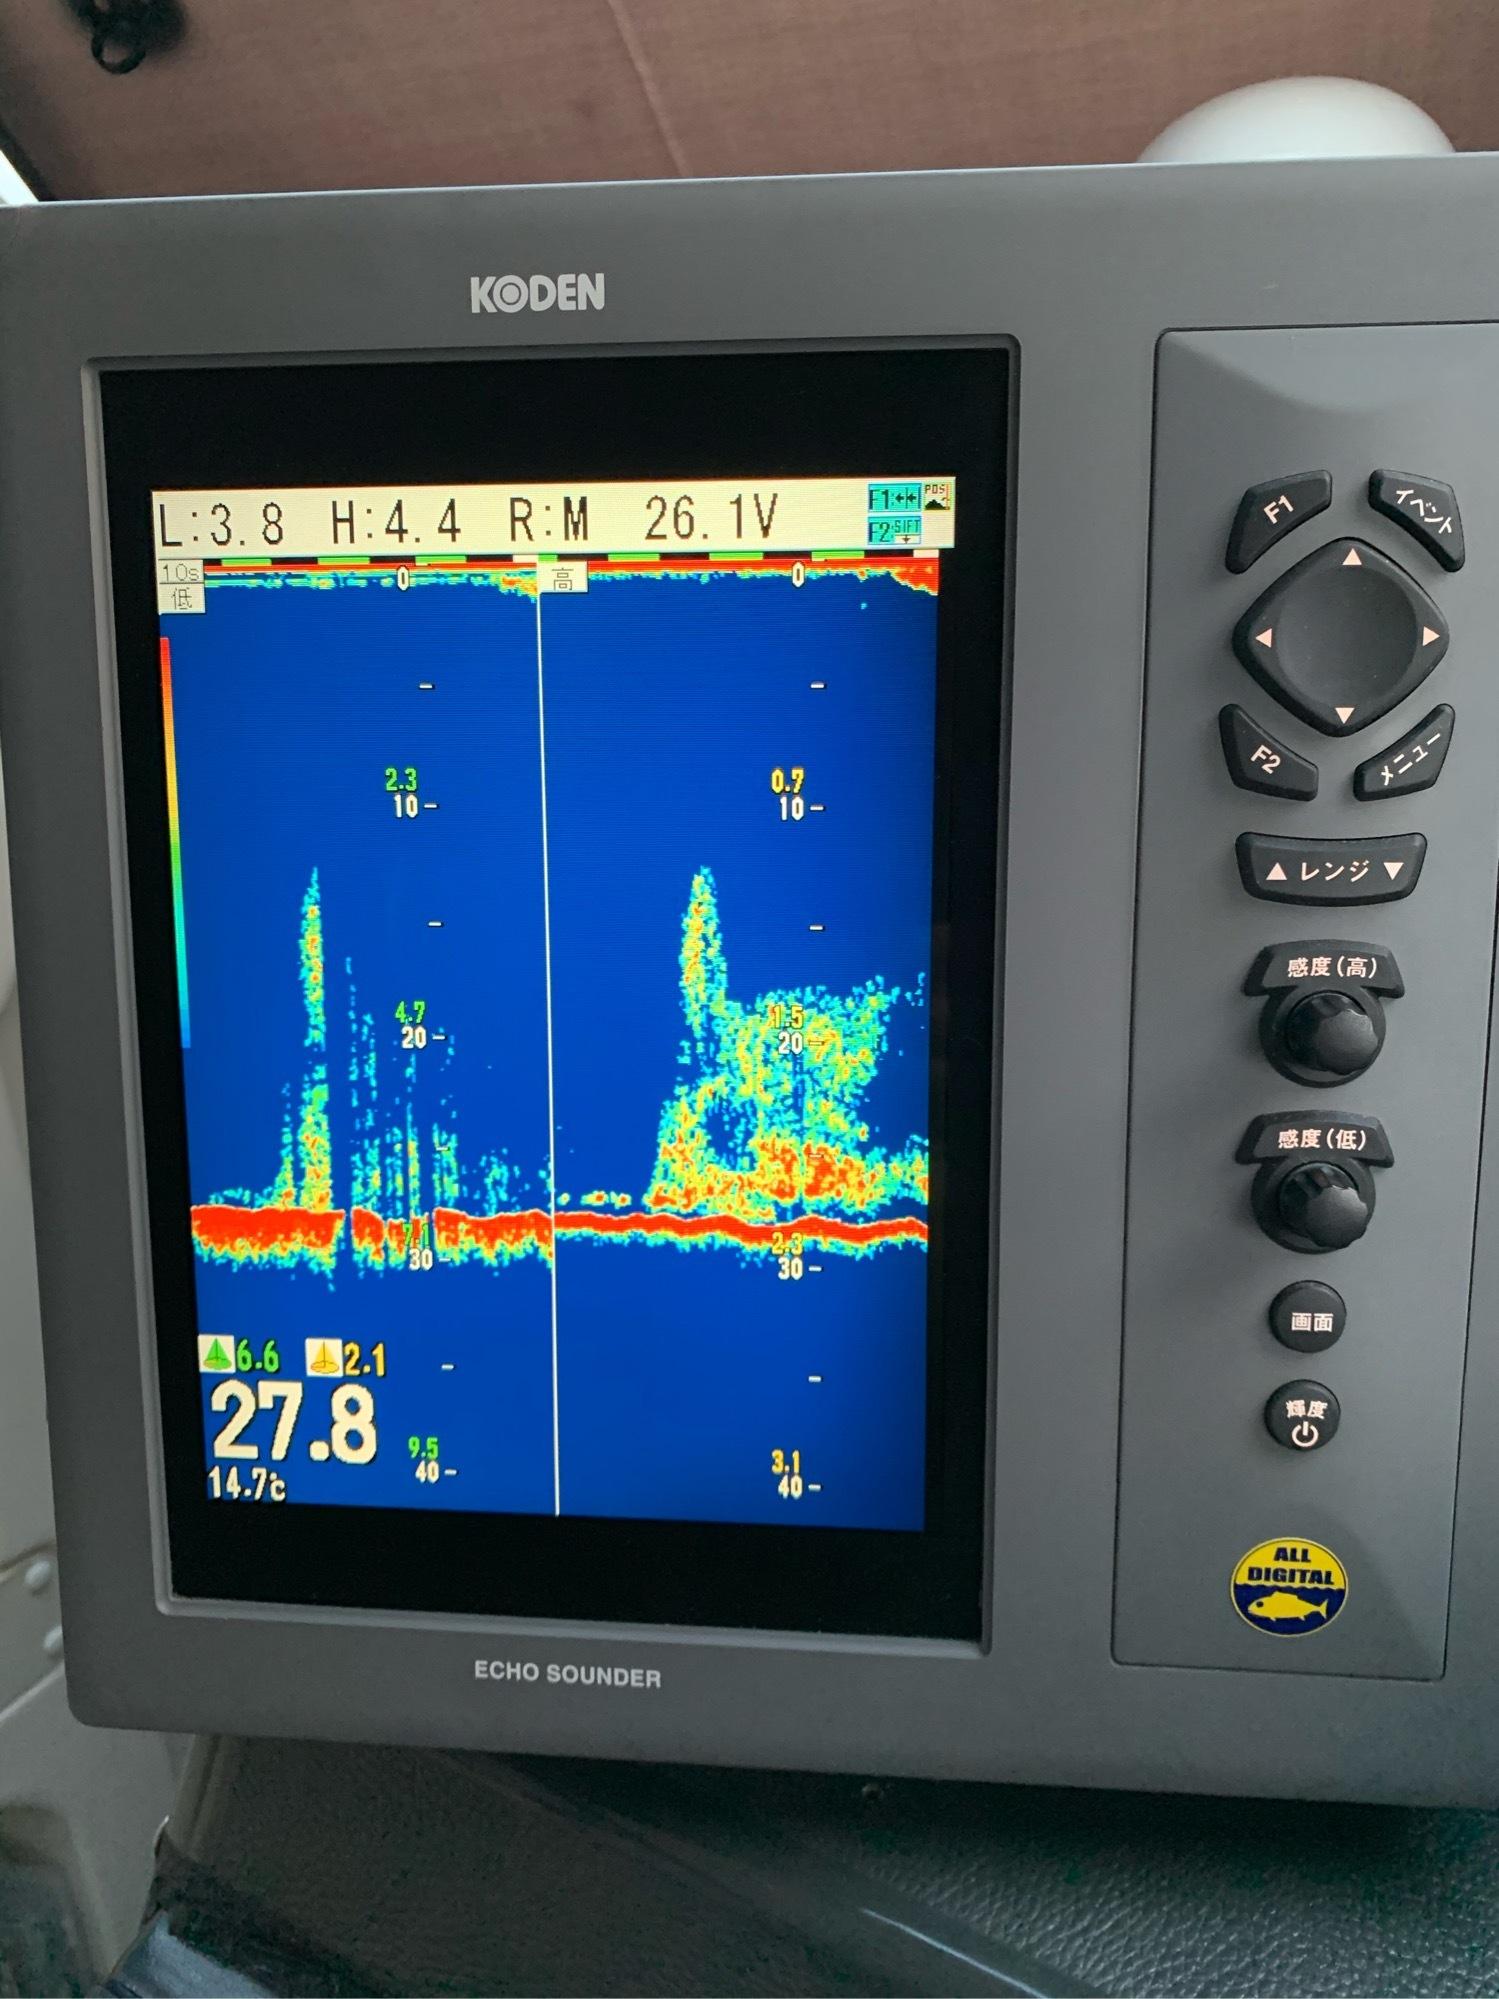 D81181D8-AE35-4CBF-93AA-EC9298A97637.jpeg